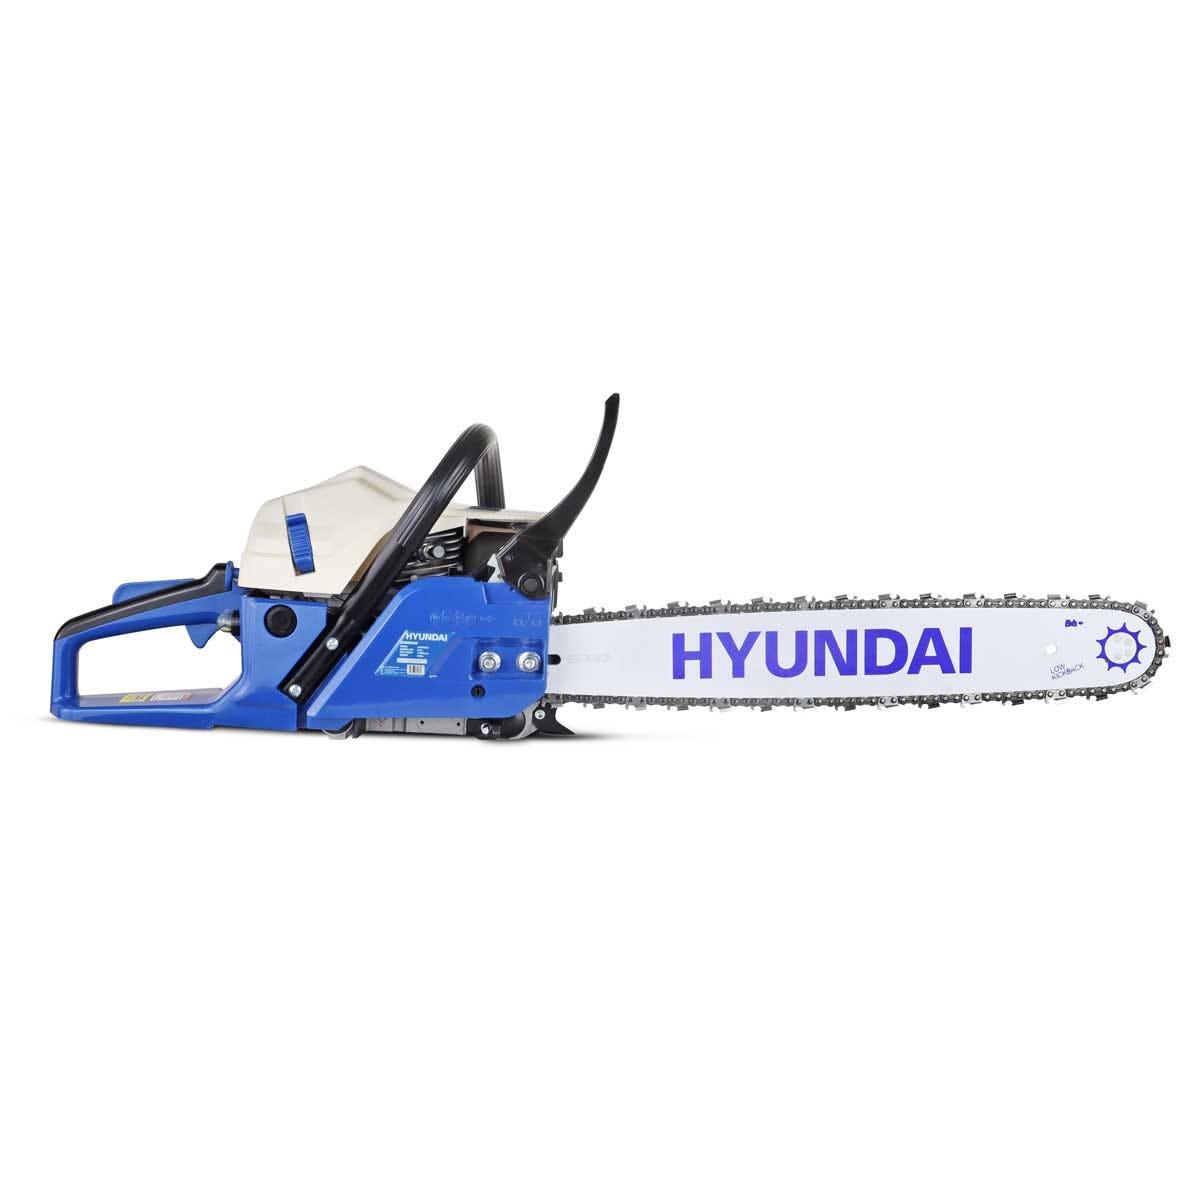 Hyundai HYC6200X 20